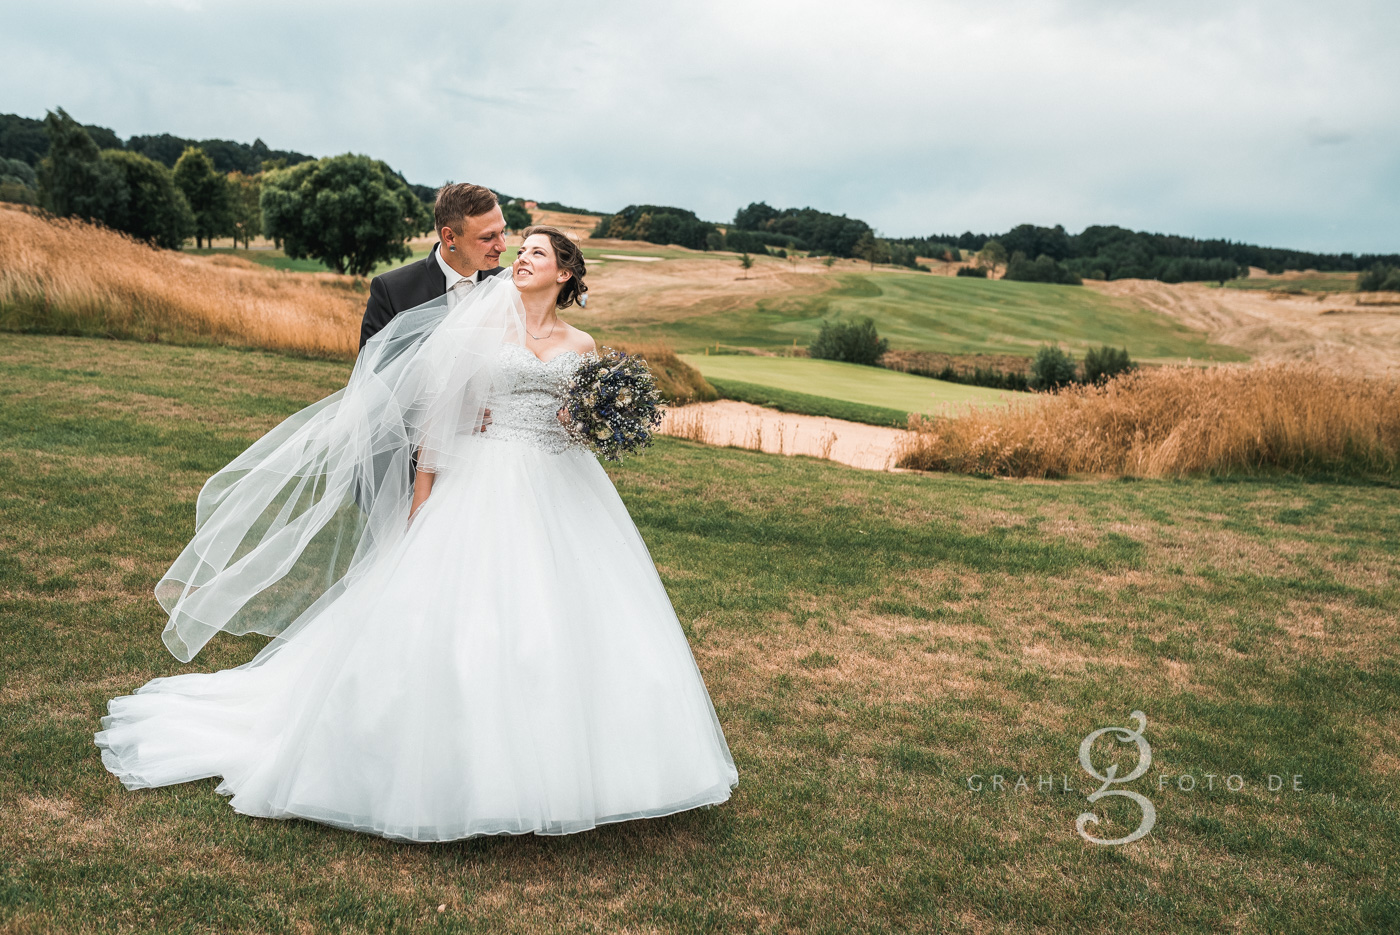 Grahlfoto Hochzeit Fotobeispiel in Schwarz-Weiß